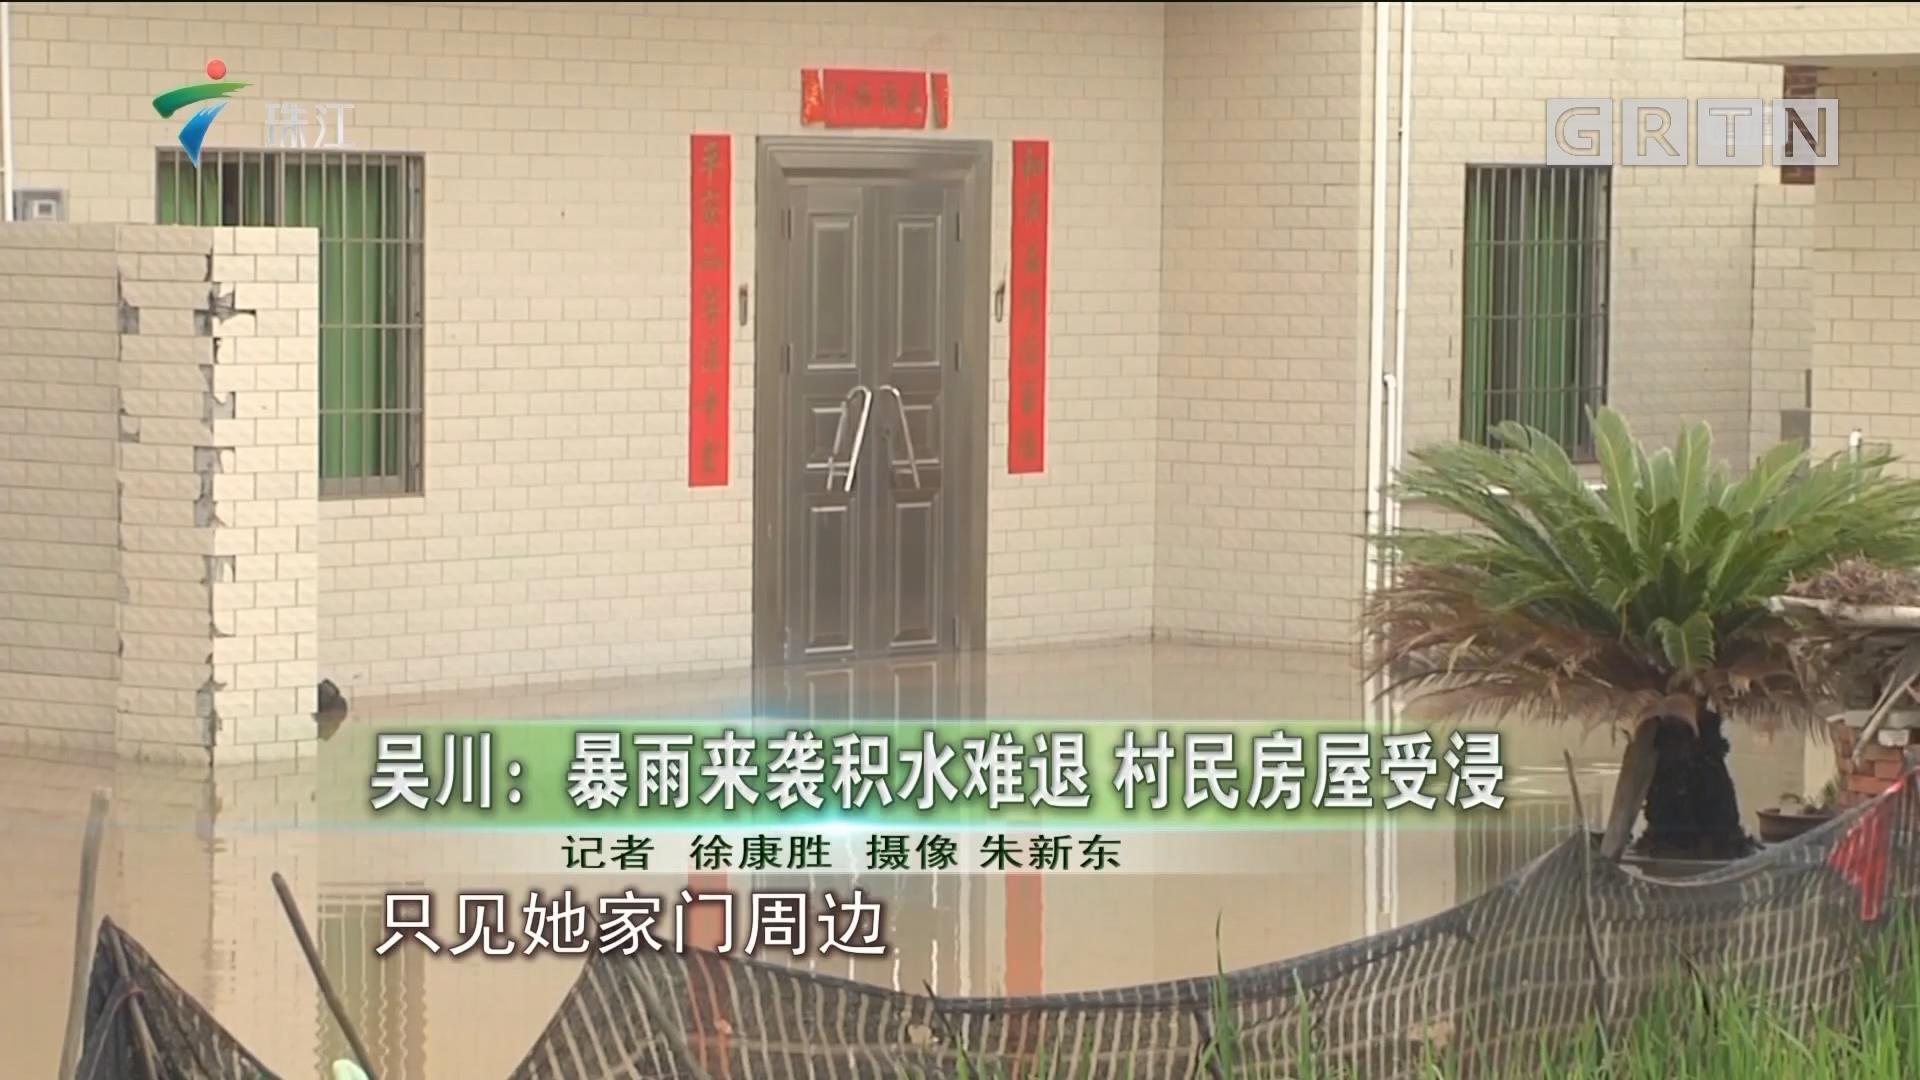 吴川:暴雨来袭积水难退 村民房屋受浸